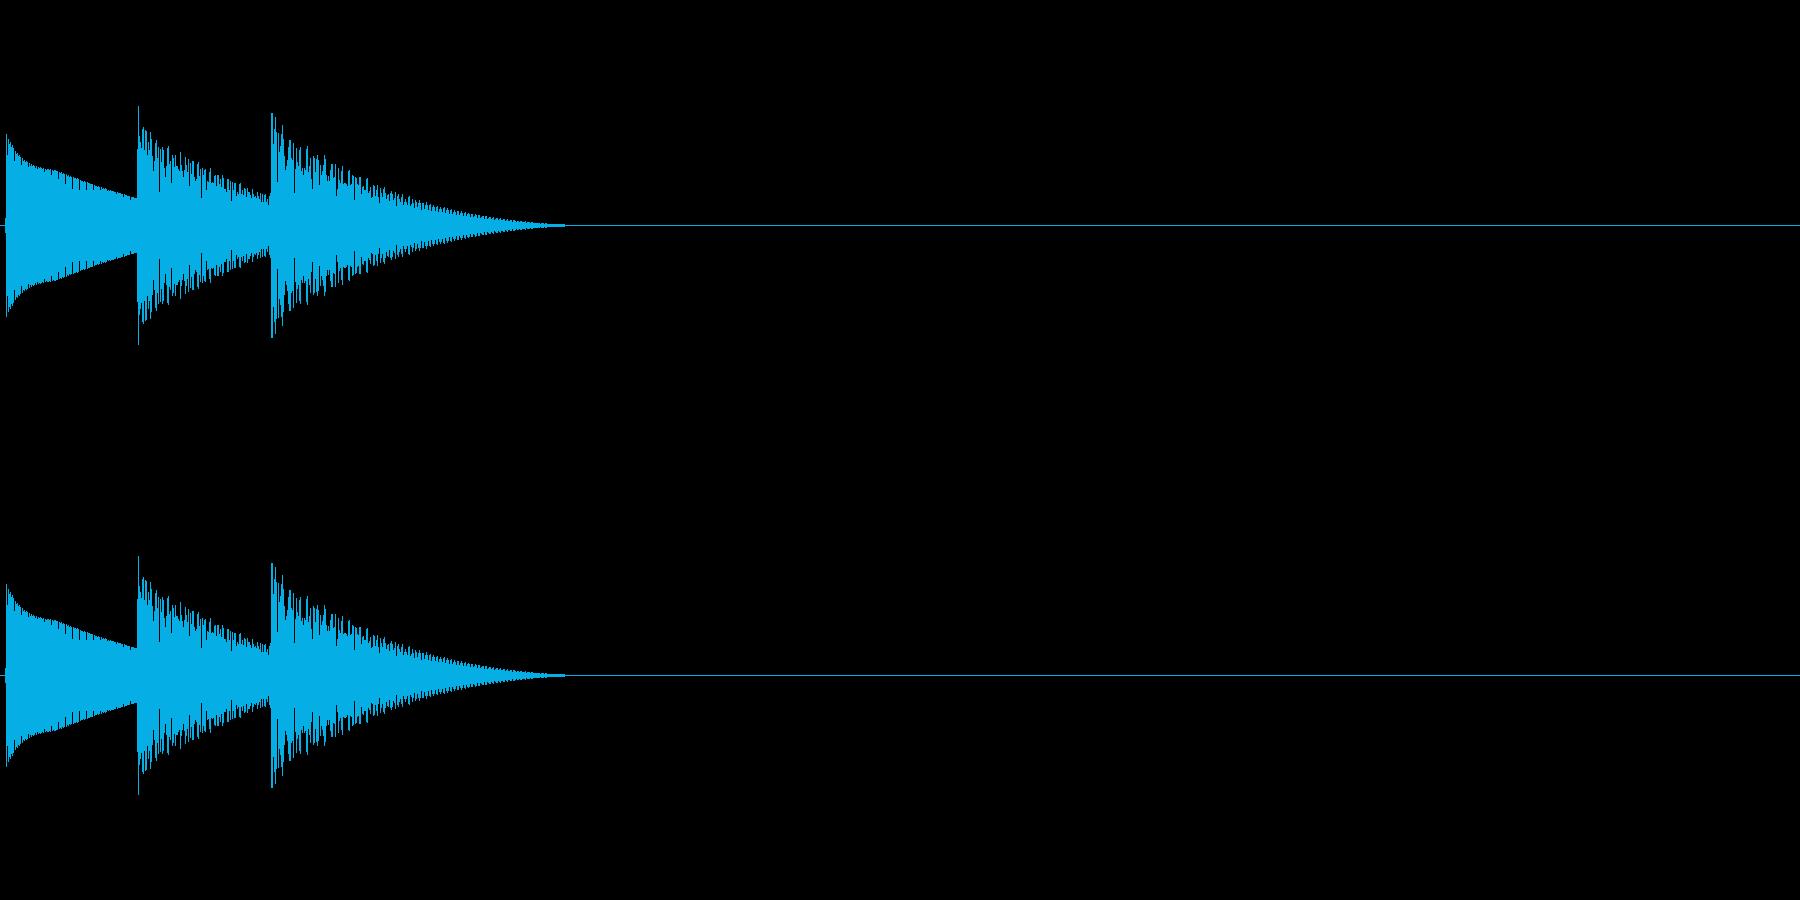 ゲームのキャンセル音「テレロ」の再生済みの波形